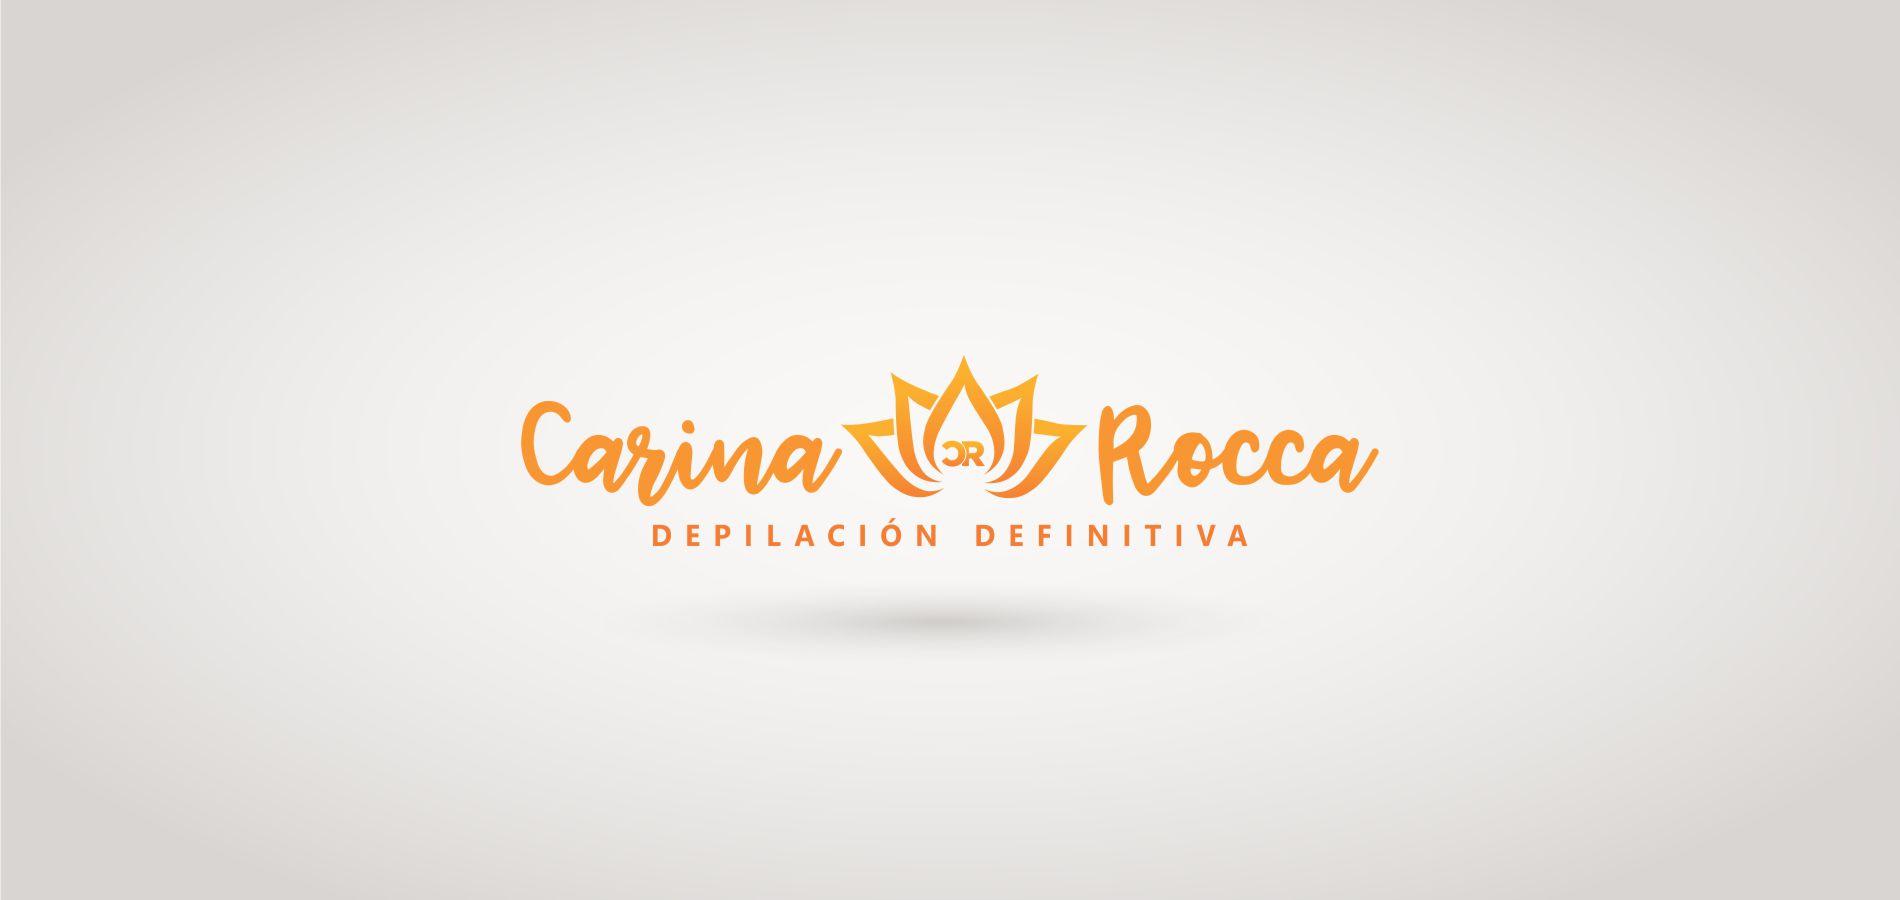 Carina Rocca